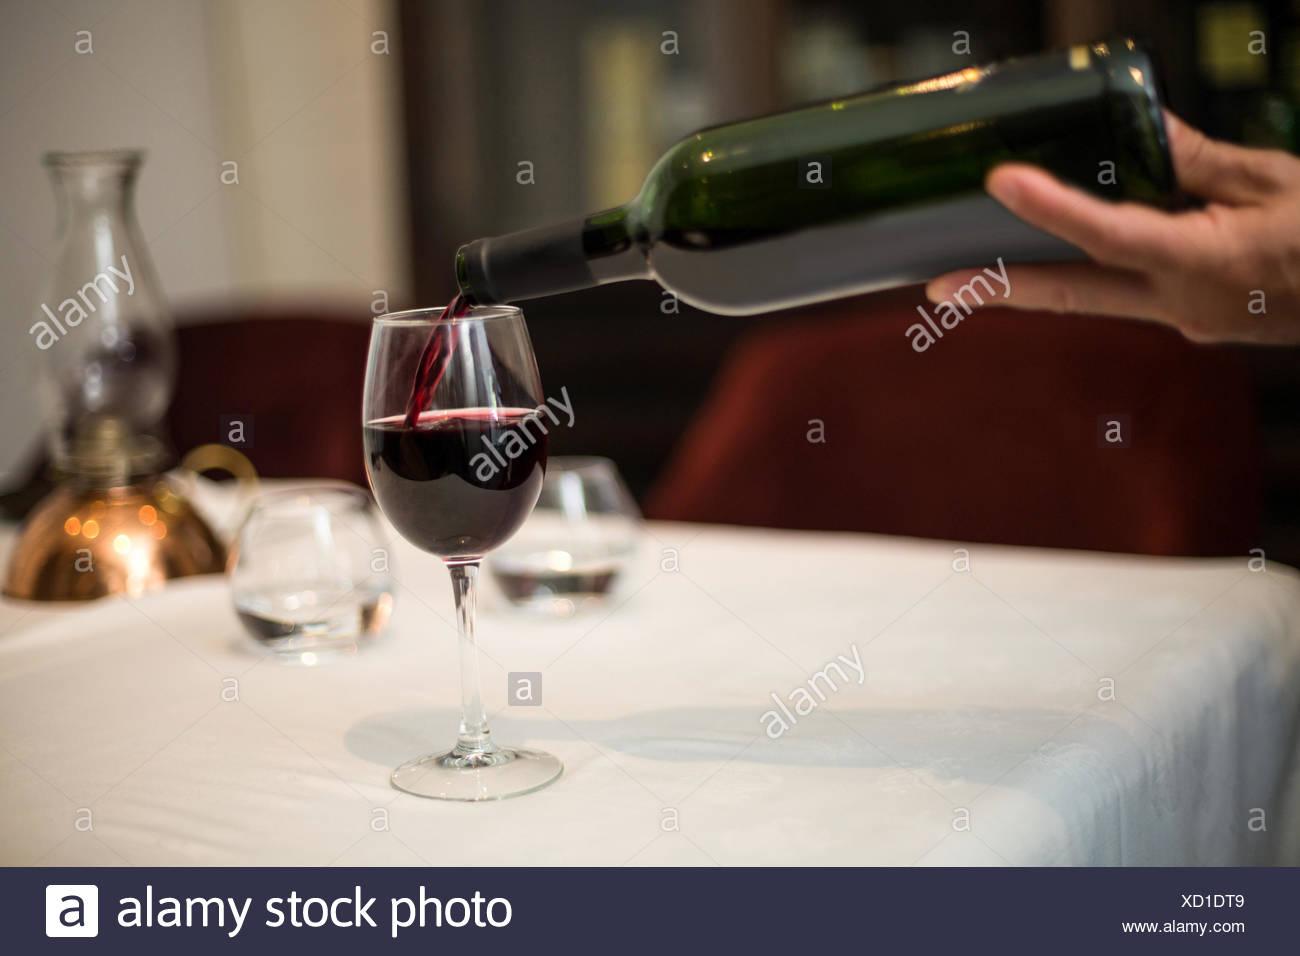 Camarero vertiendo un vaso de vino tinto Imagen De Stock